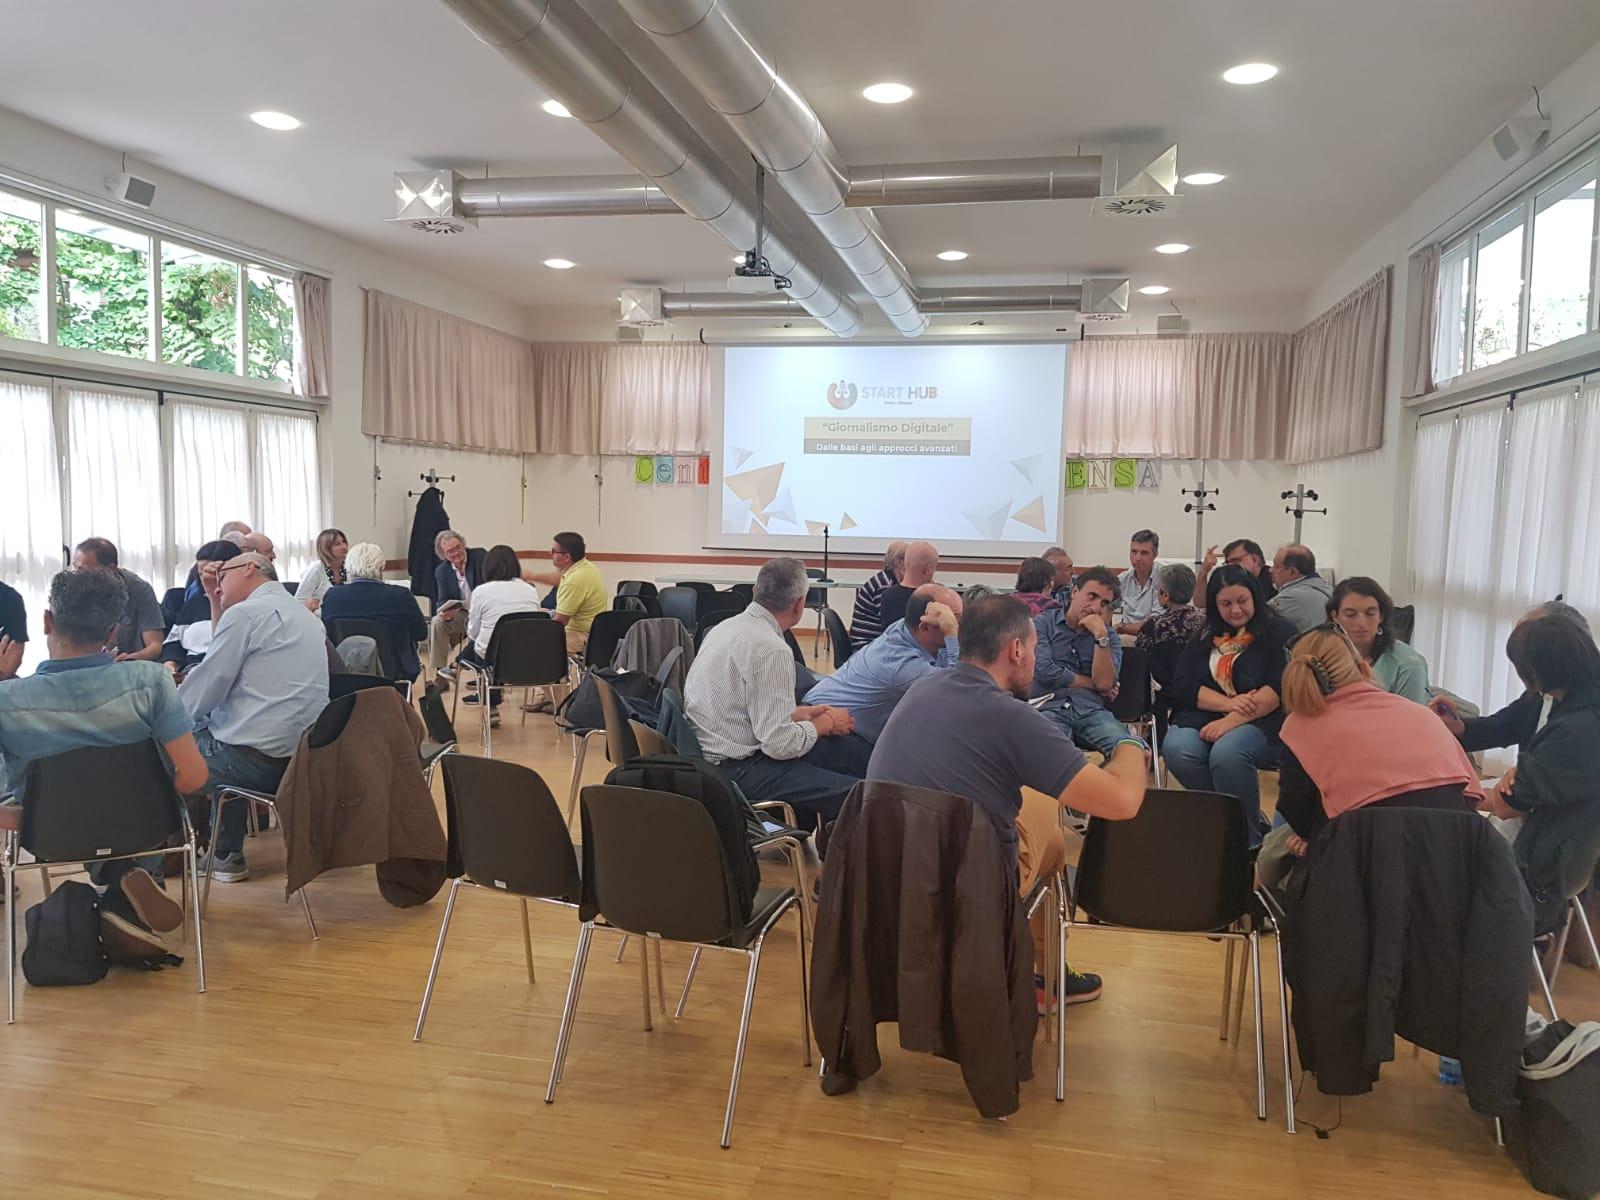 Conferenza creazione nuovo prodotto scelta discussione